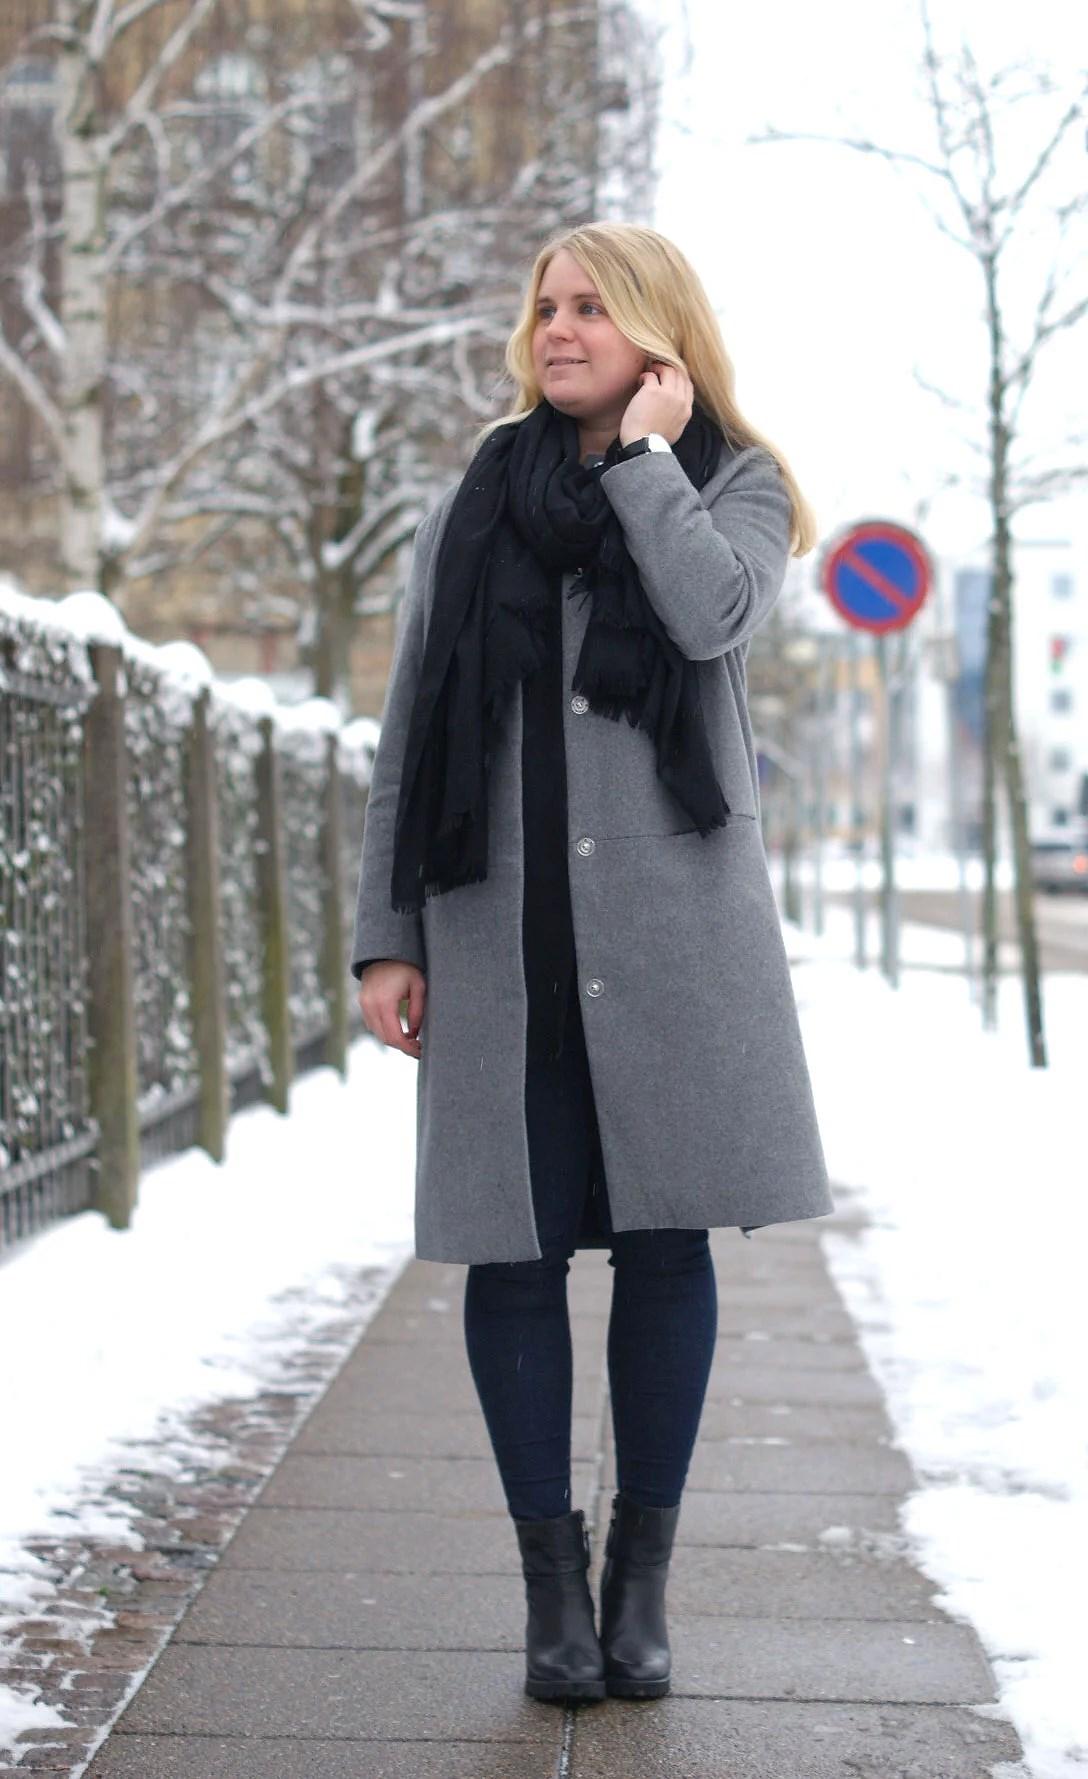 Modeblogger-dansk modeblogger-aalborg blog-nordjysk blogger-Julie Mænnchen-It's My Passions